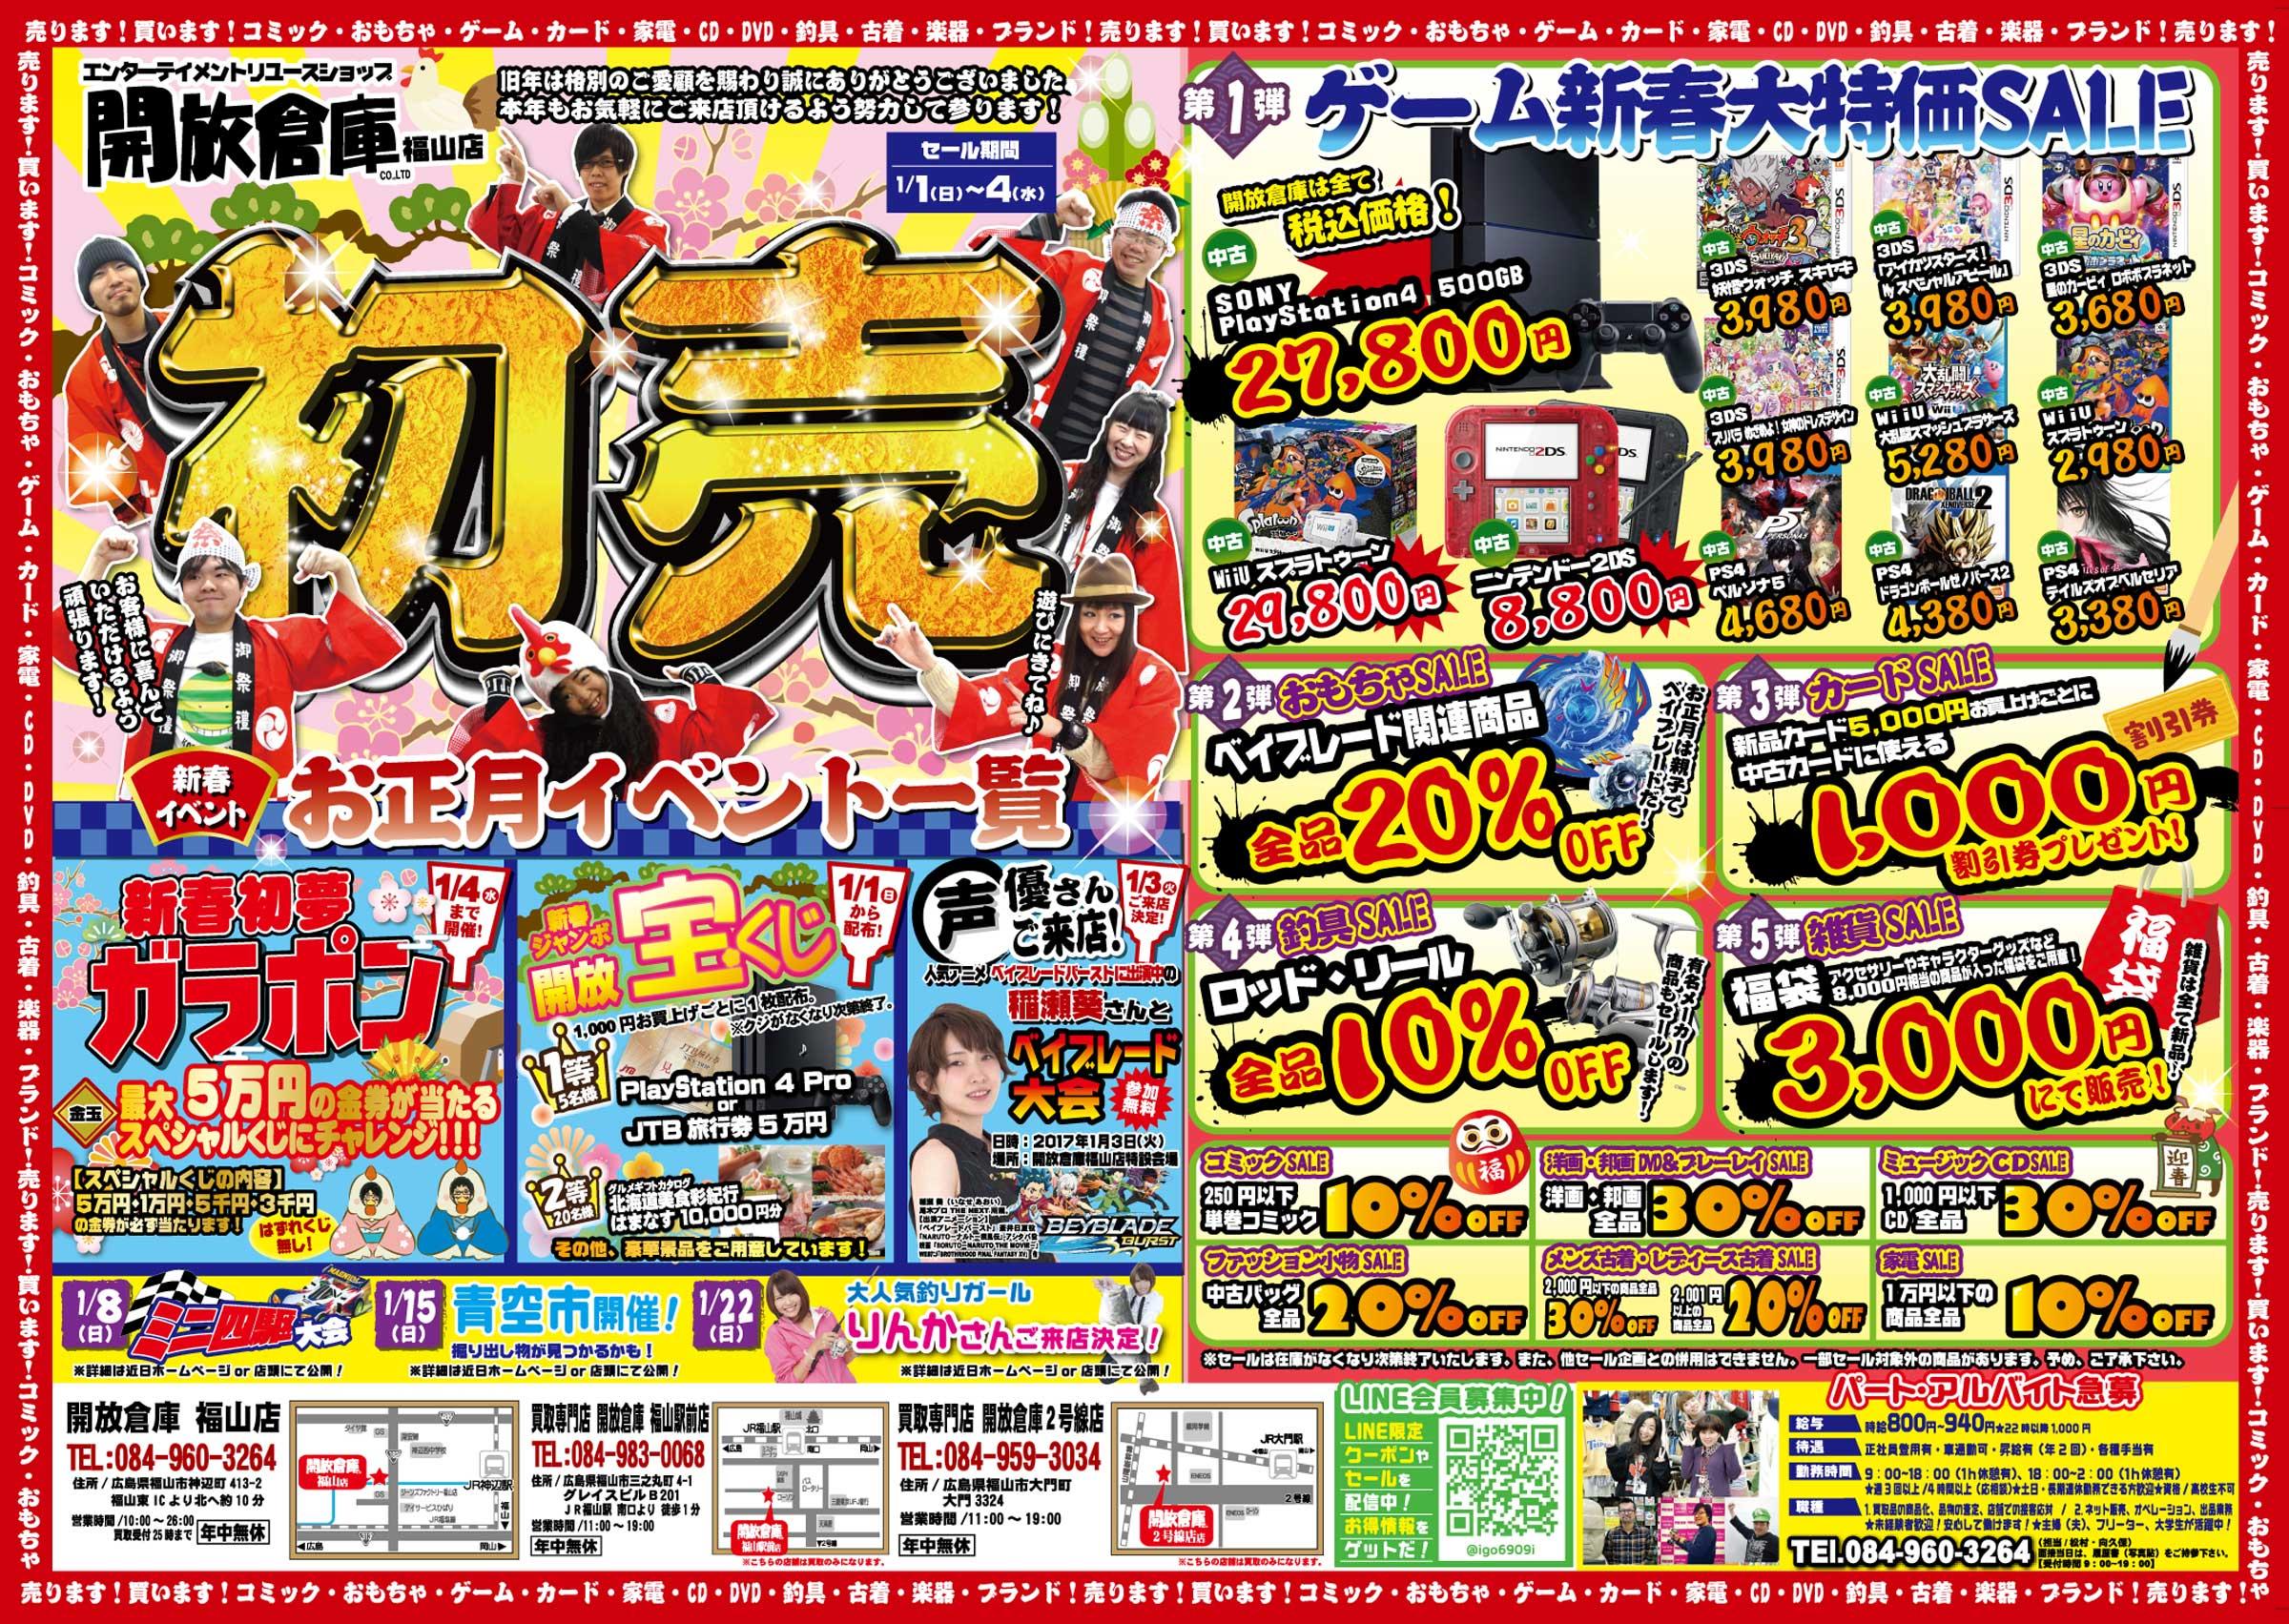 「開放倉庫福山店」2017年の初売りチラシ表